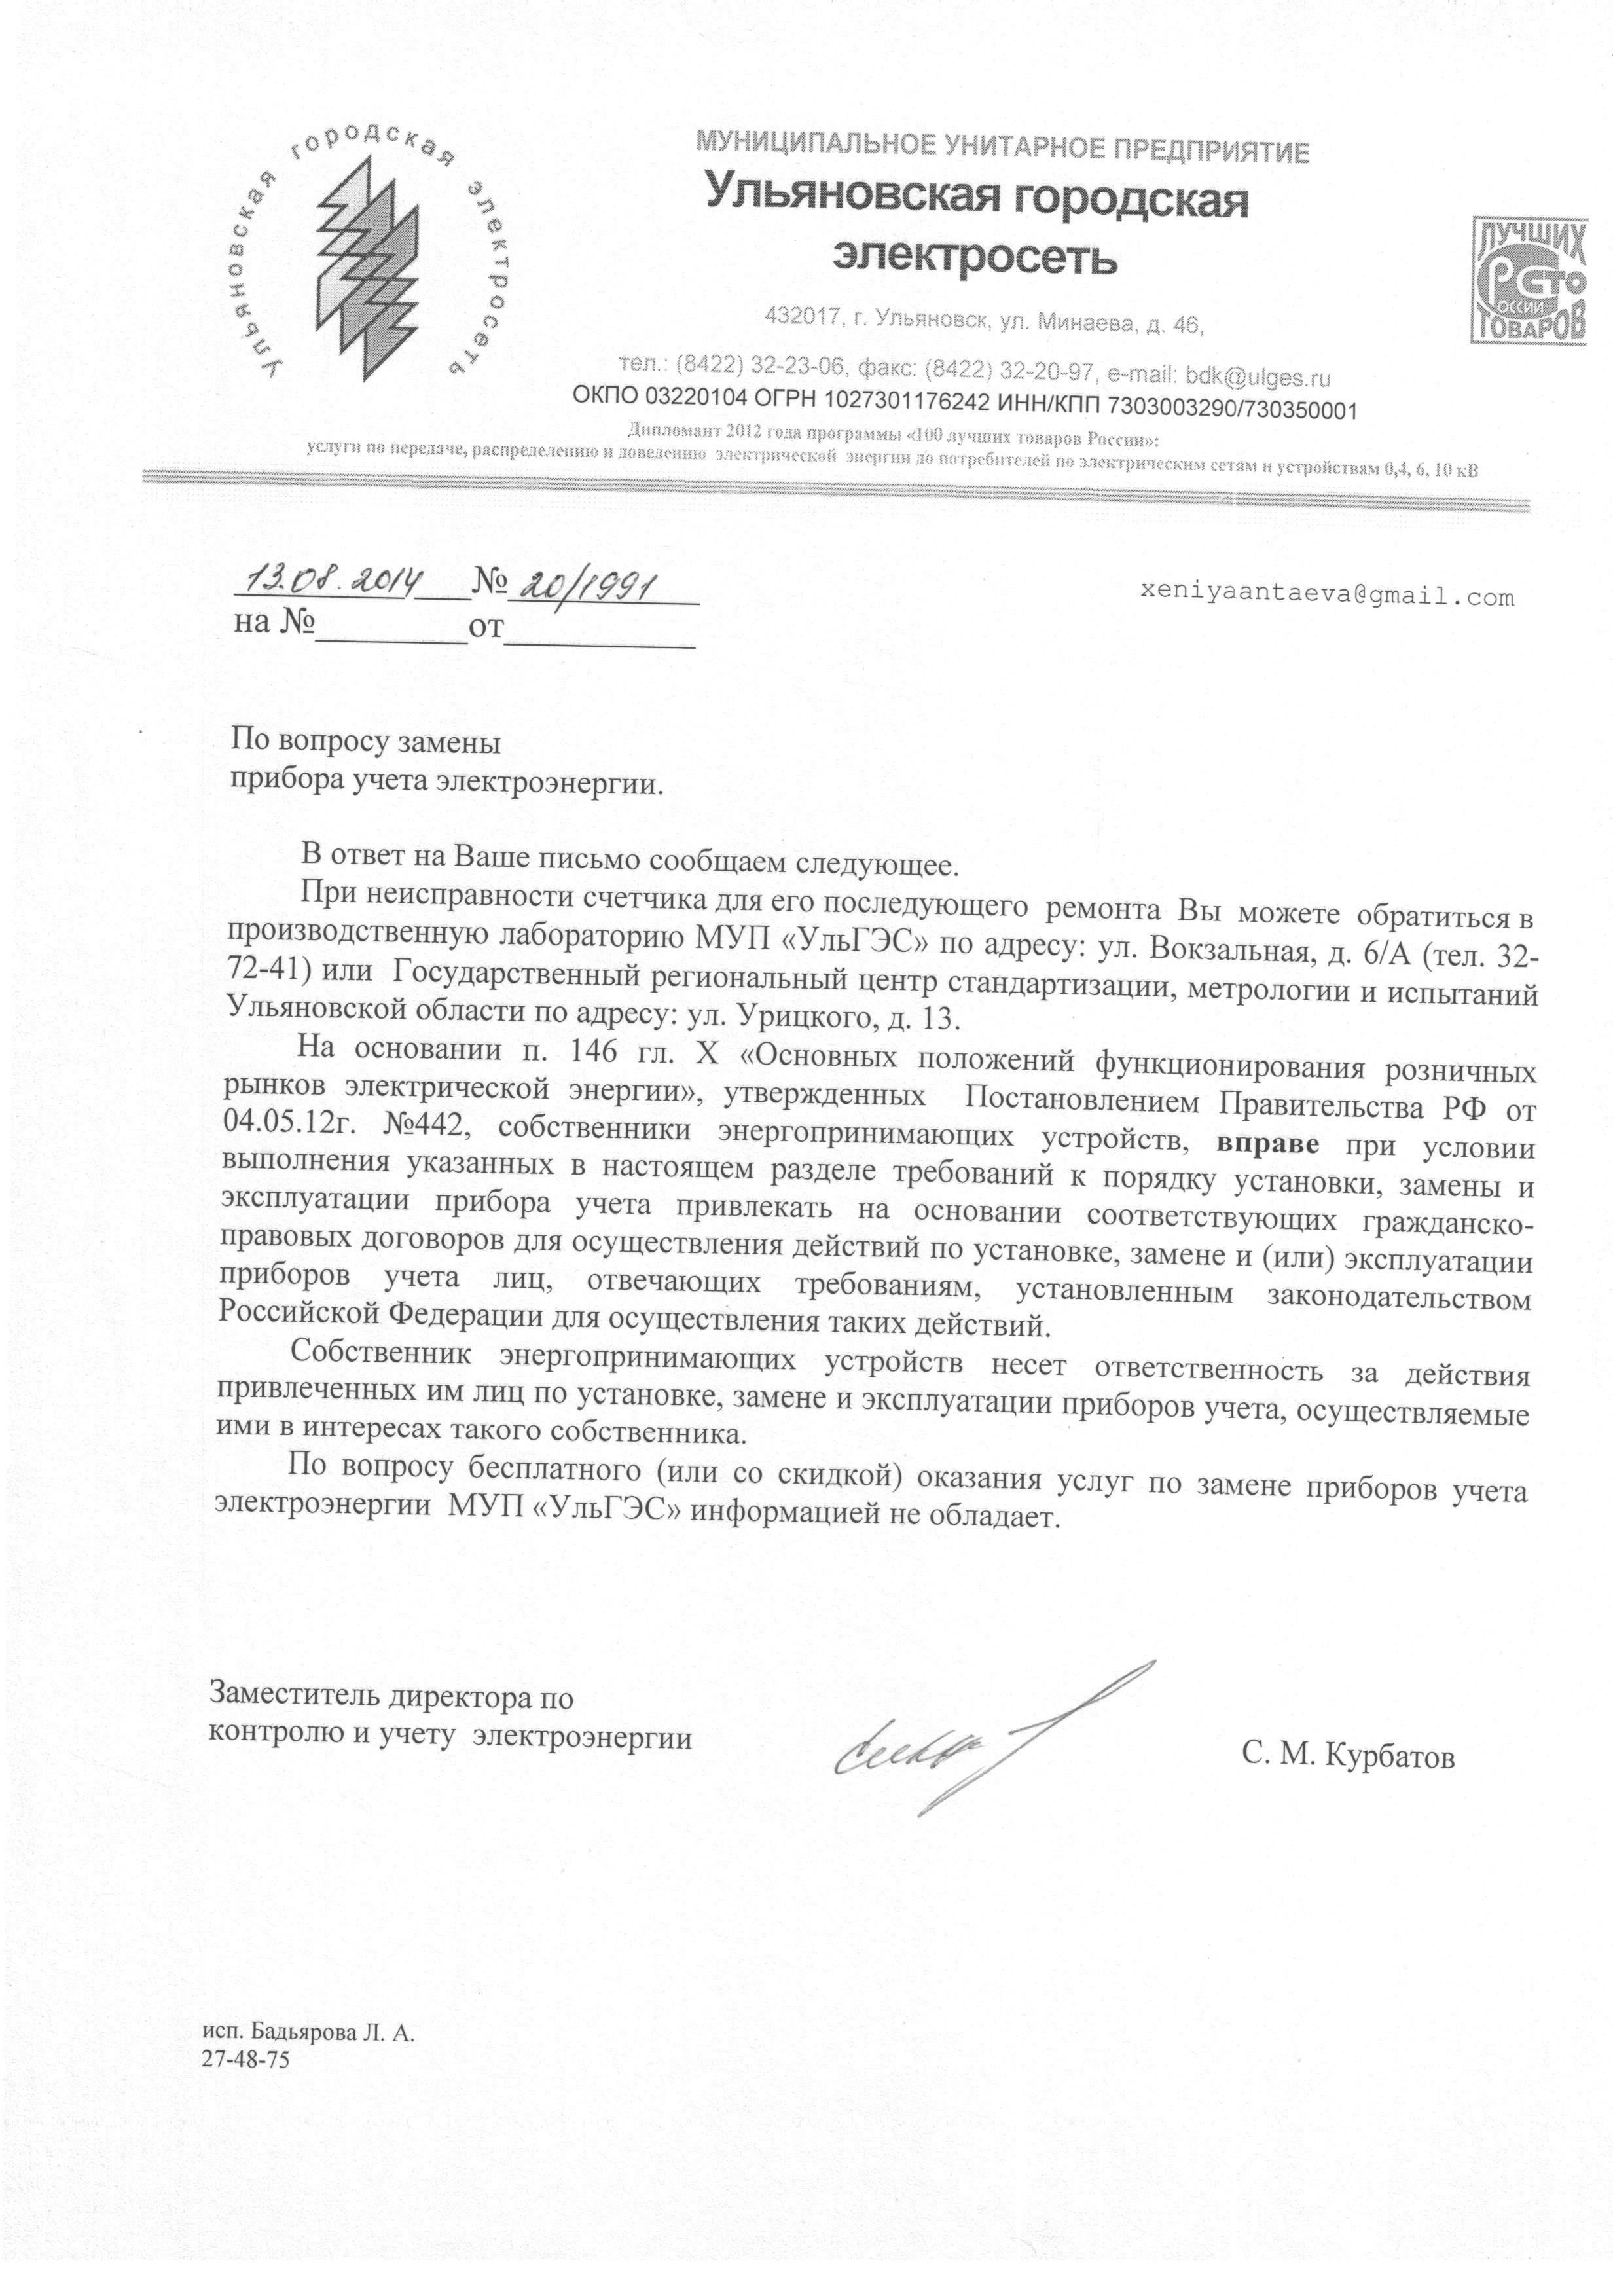 бланк заявления на дет сад г ульяновска